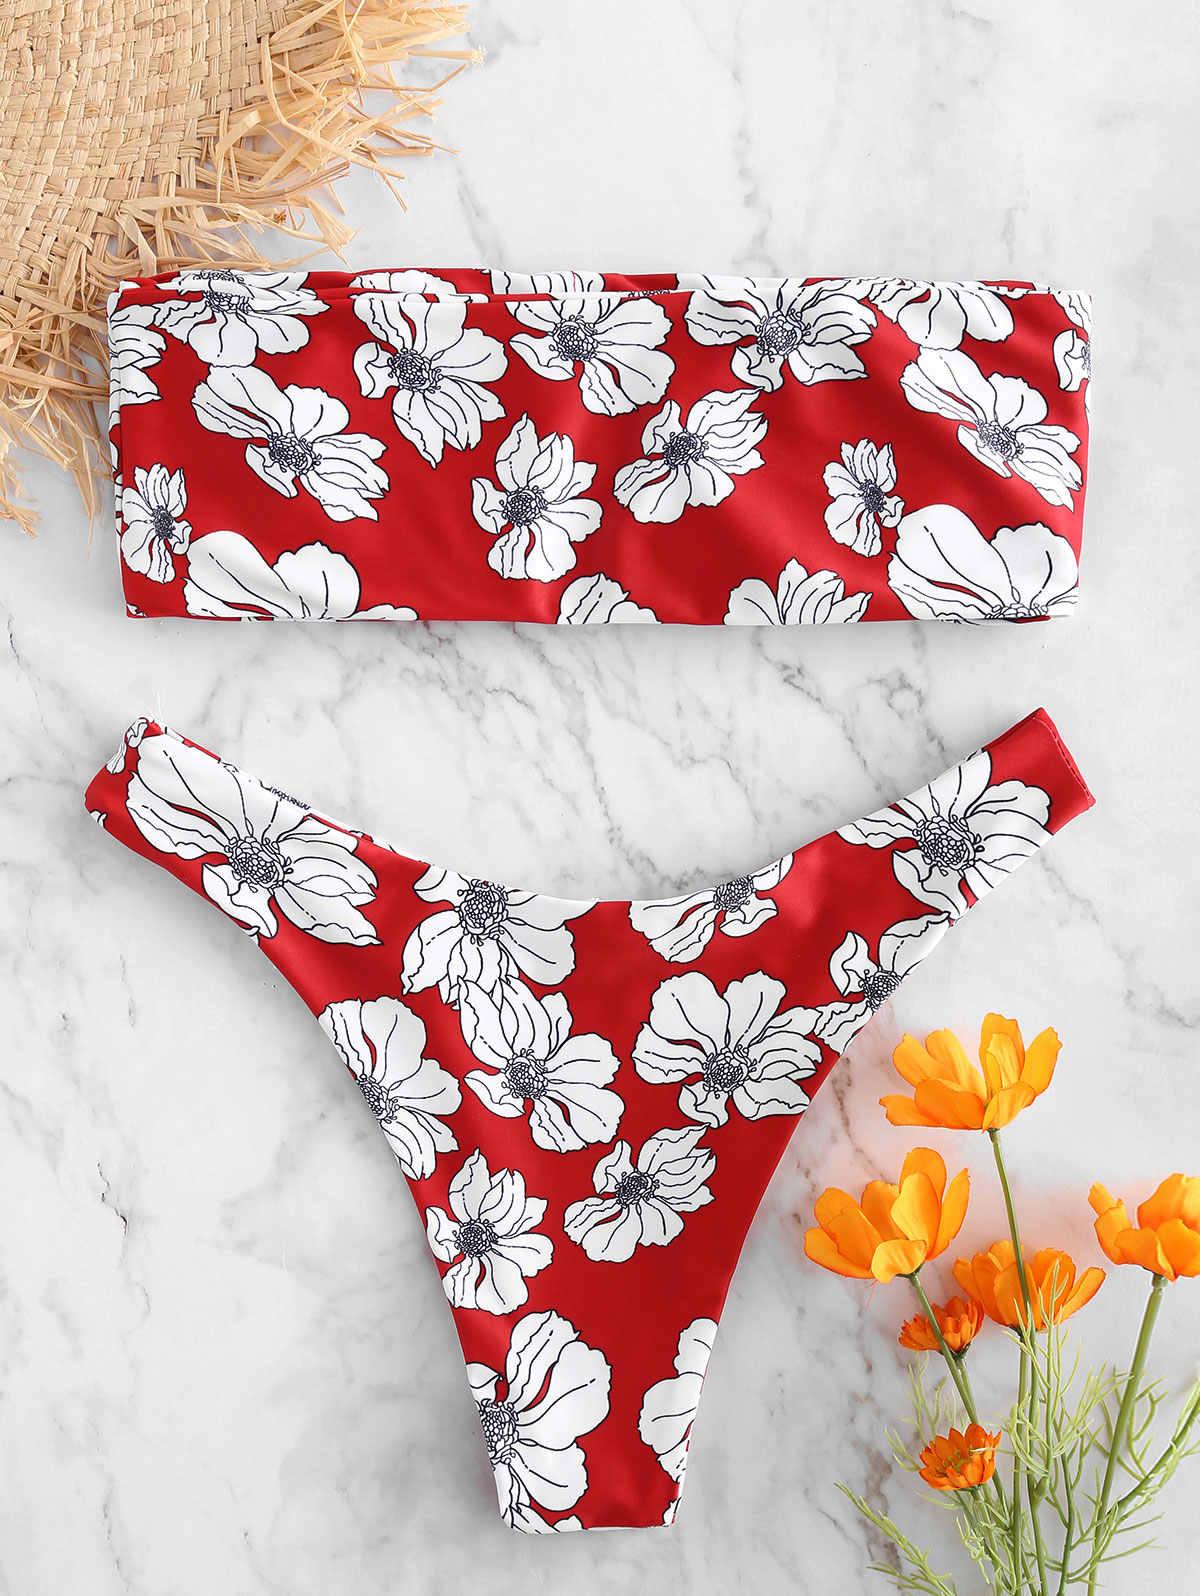 Zaful Wanita Bikini Set Bunga Cetak Tinggi Dipotong Bandeau Bikini Wanita Seksi Bikini Baju Renang Musim Panas Pantai Baju Renang Baju Renang